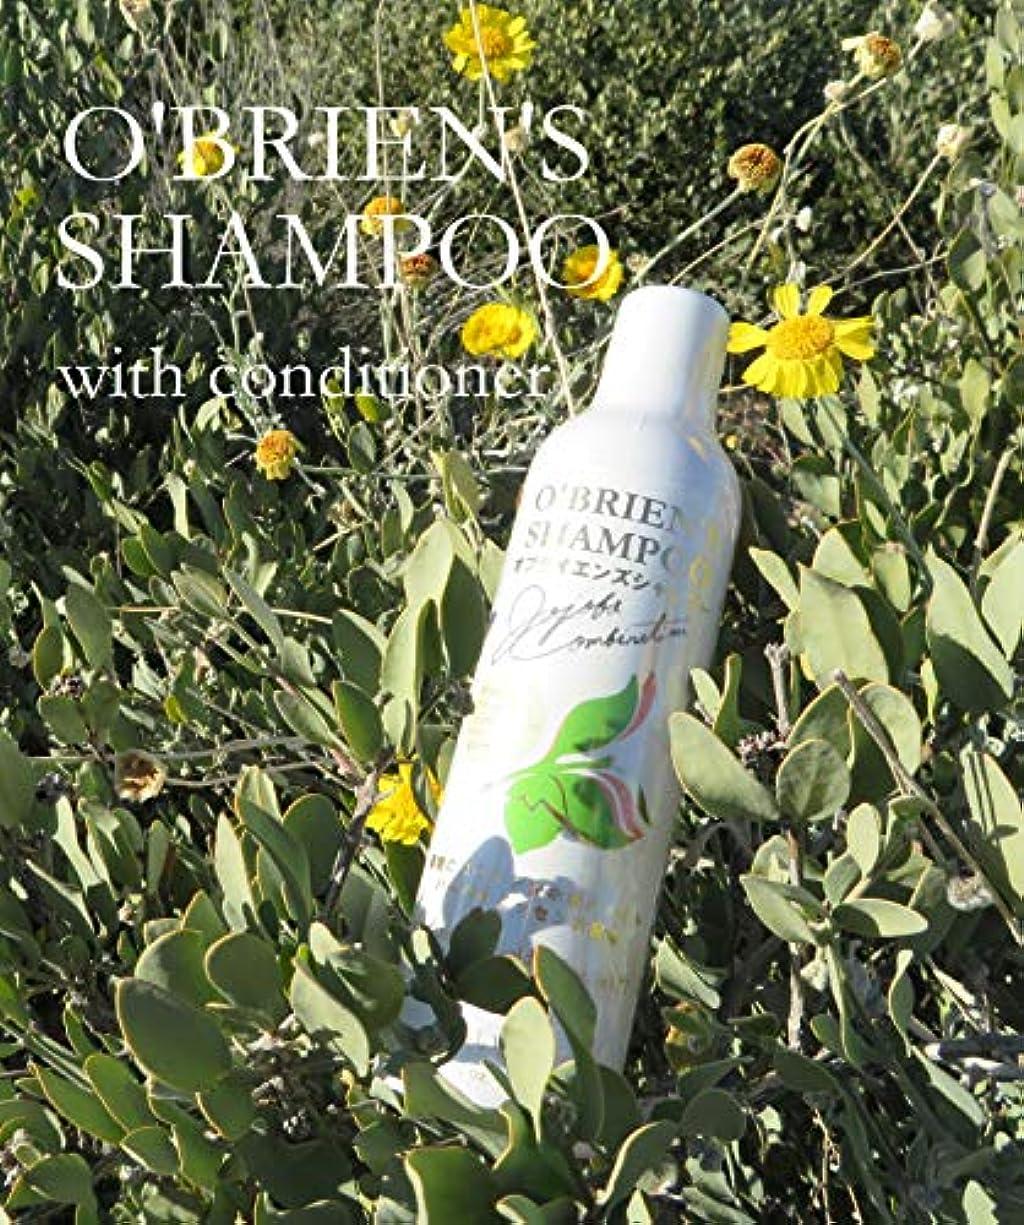 取る蒸留本当にオブライエンズシャンプー O'BRIEN'S SHAMPOO